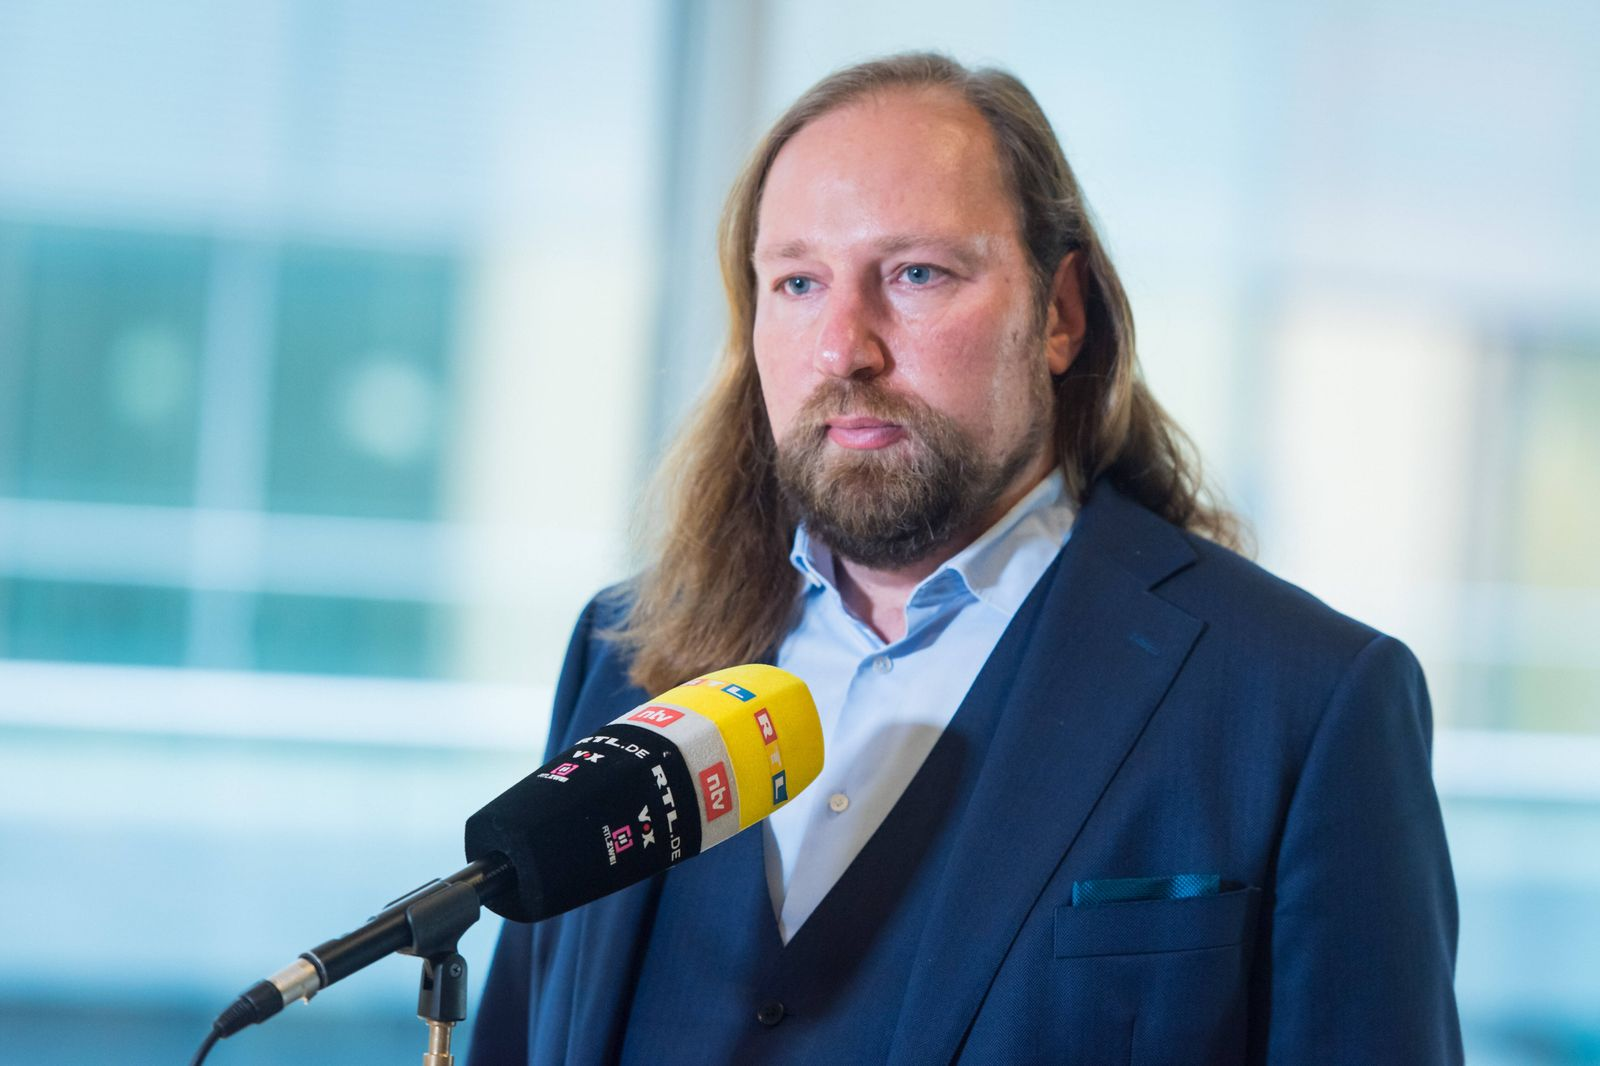 Berlin, Anton Hofreiter gibt Interview im Bundestag Deutschland, Berlin - 07.12.2020: Im Bild ist Anton Hofreiter (Vors